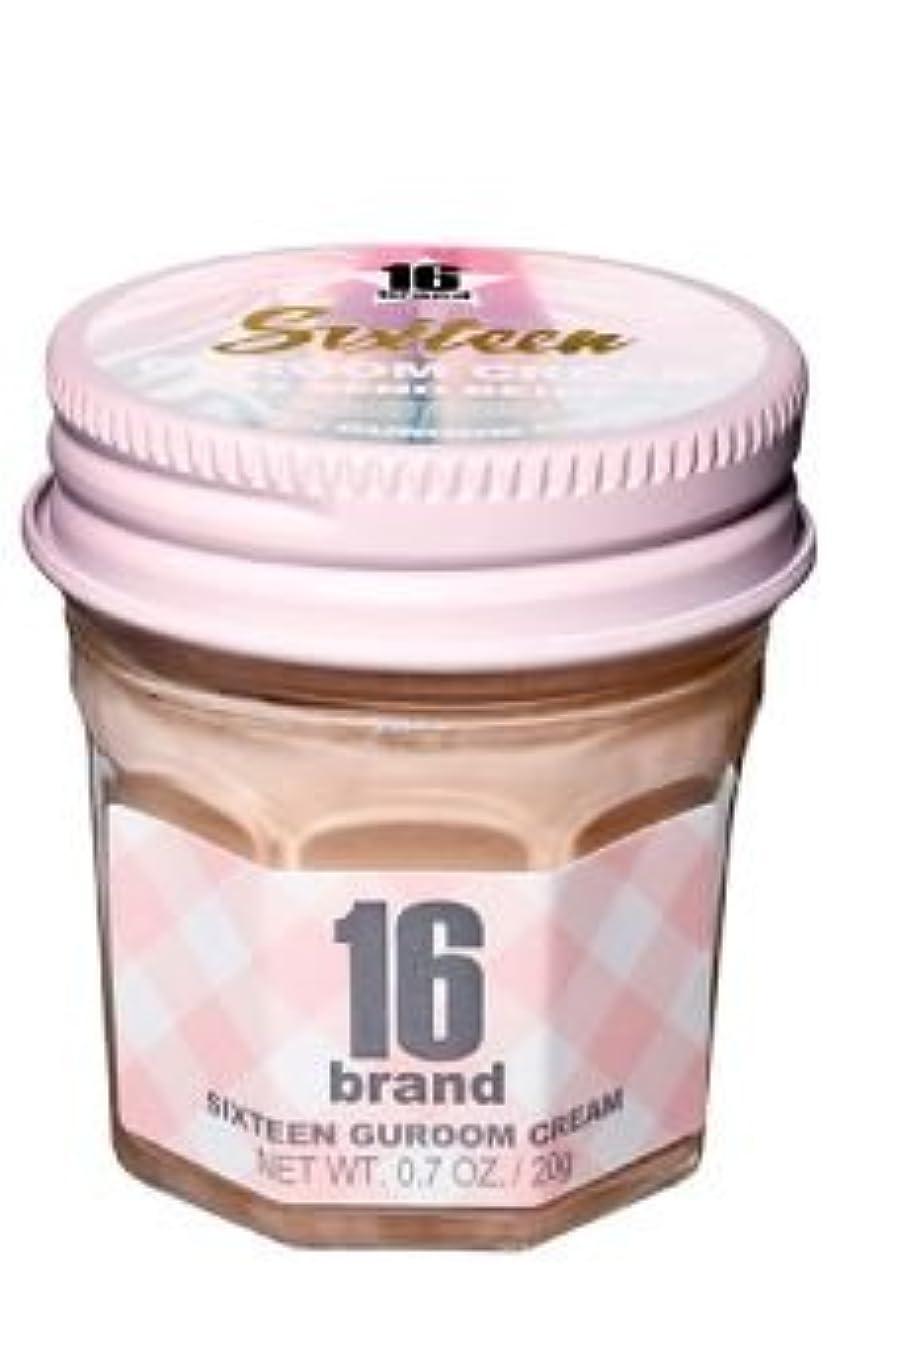 テント囲まれた直接16brand Sixteen Guroom Cream Foundation 20g/16ブランド シックスティーン クルム クリーム ファンデーション 20g (#2 Sand Beige) [並行輸入品]